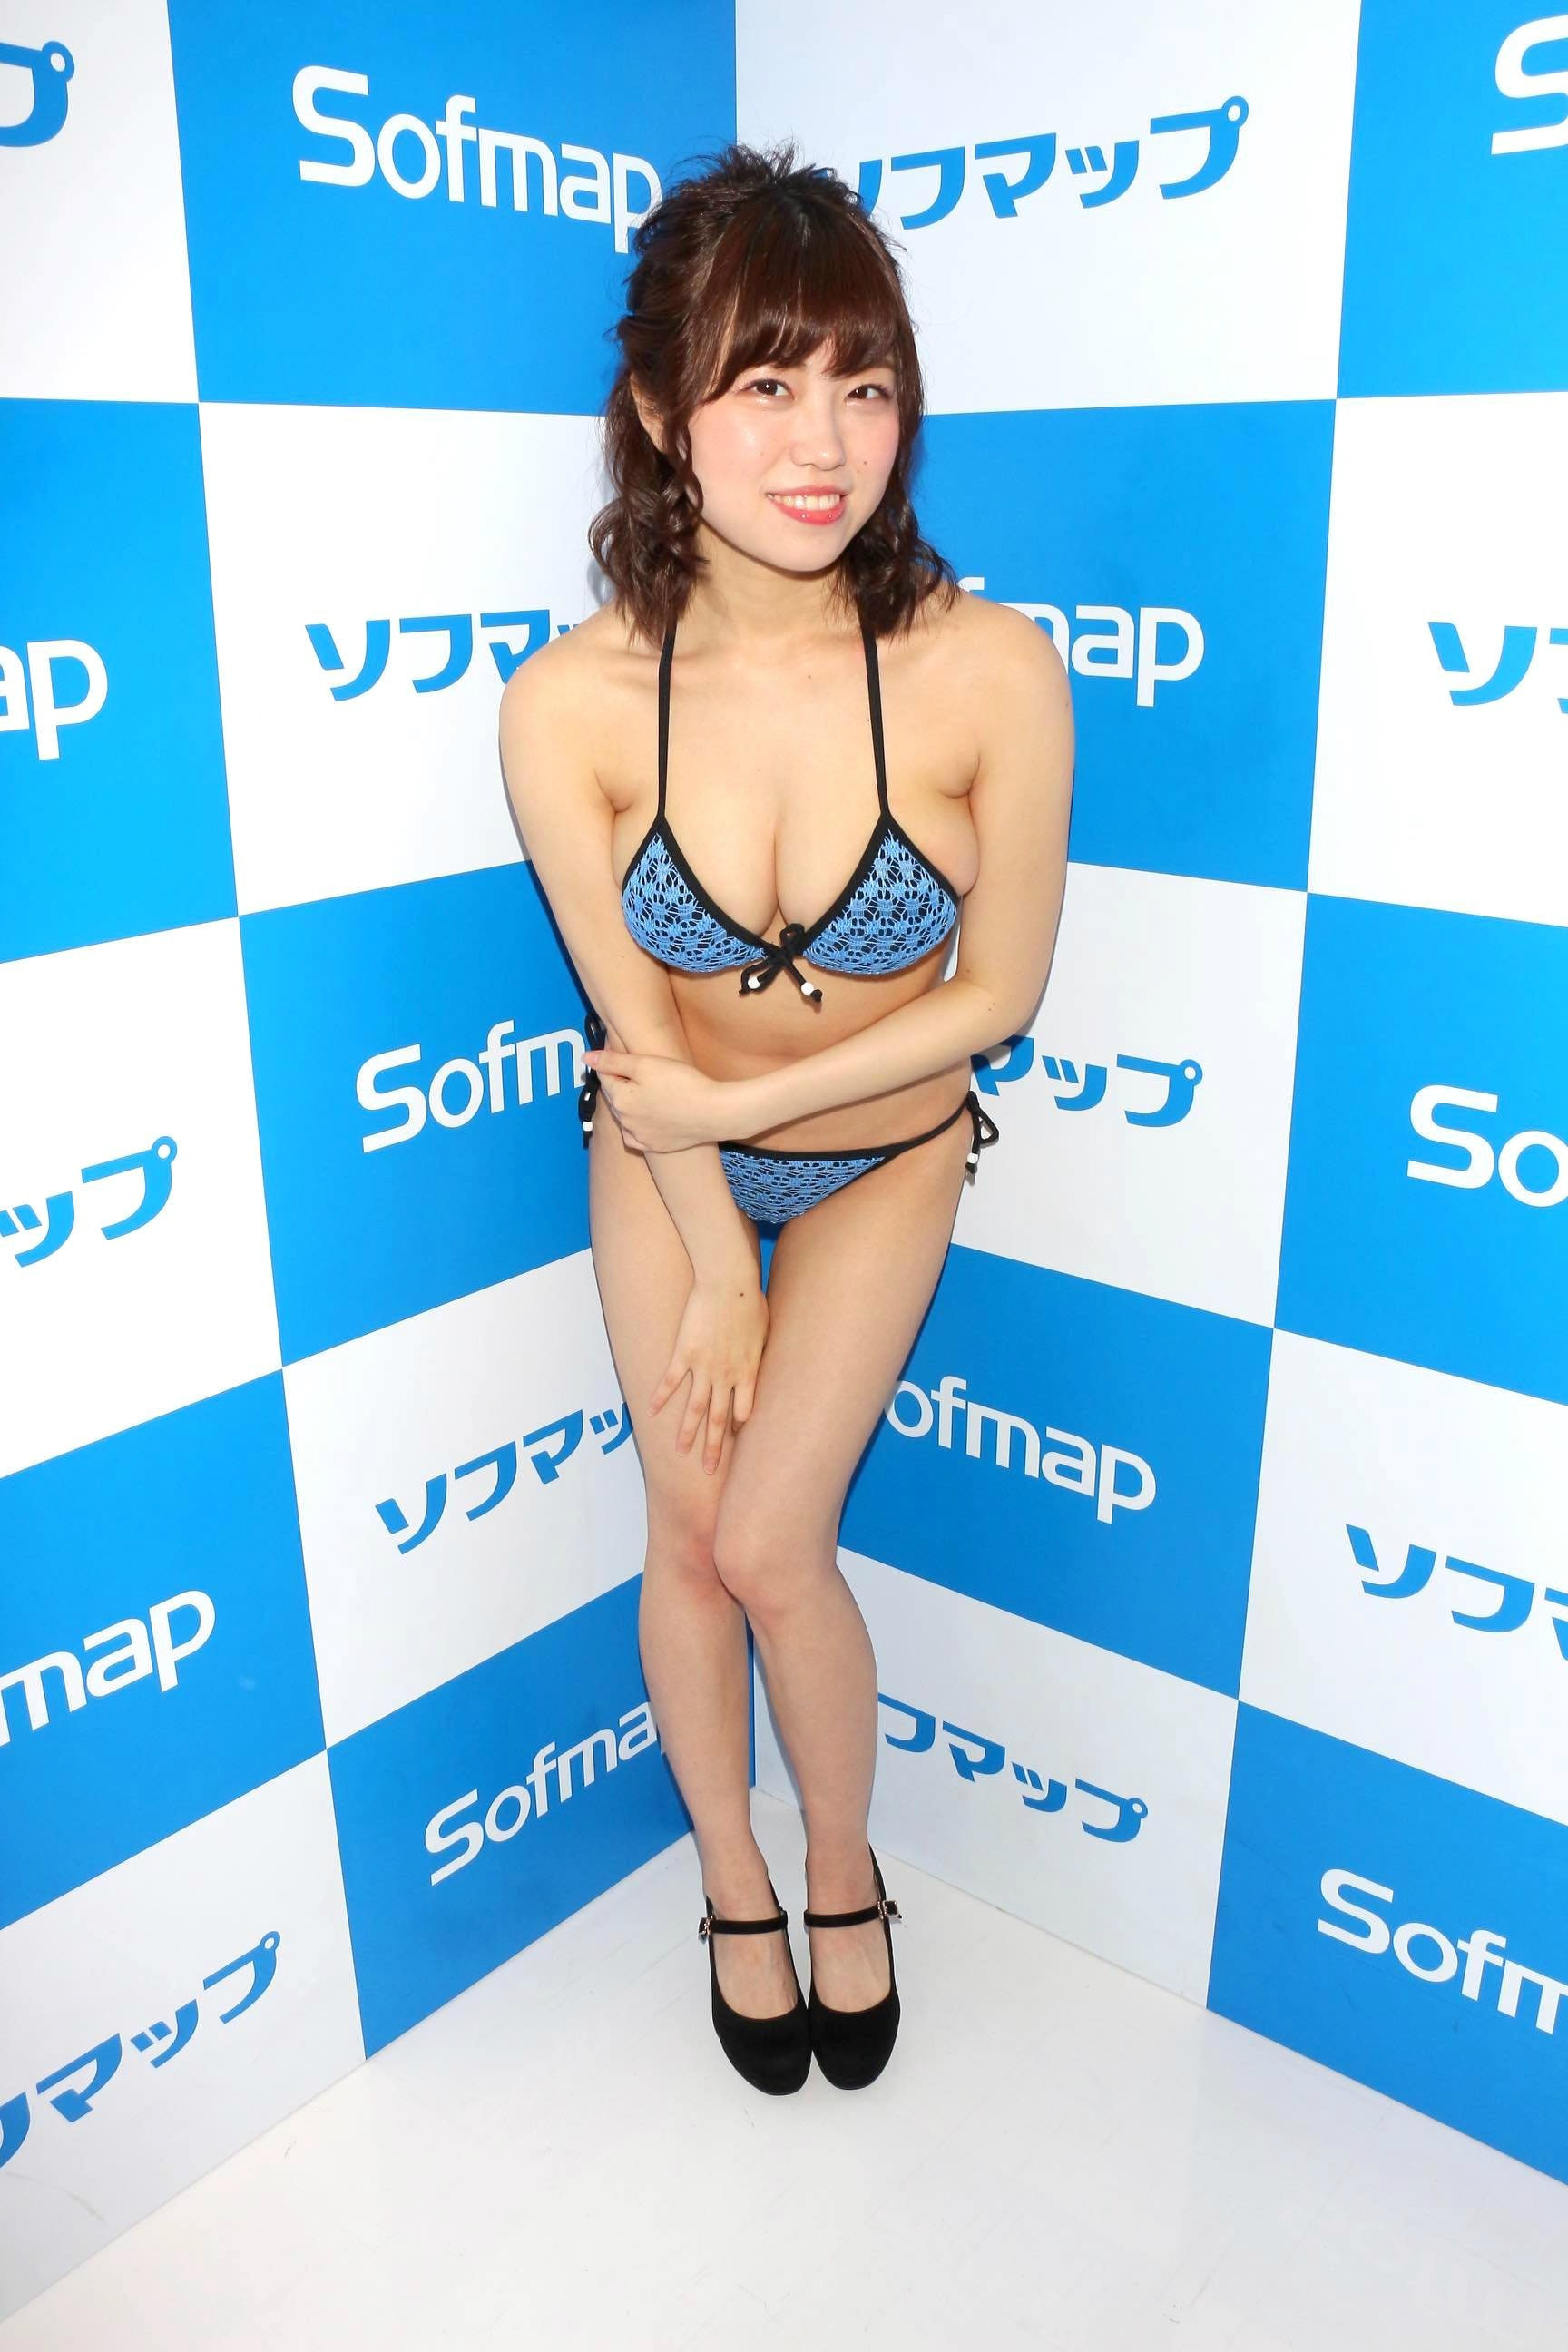 麻亜子「はみ出しバスト」が大爆発!【写真29枚】の画像012